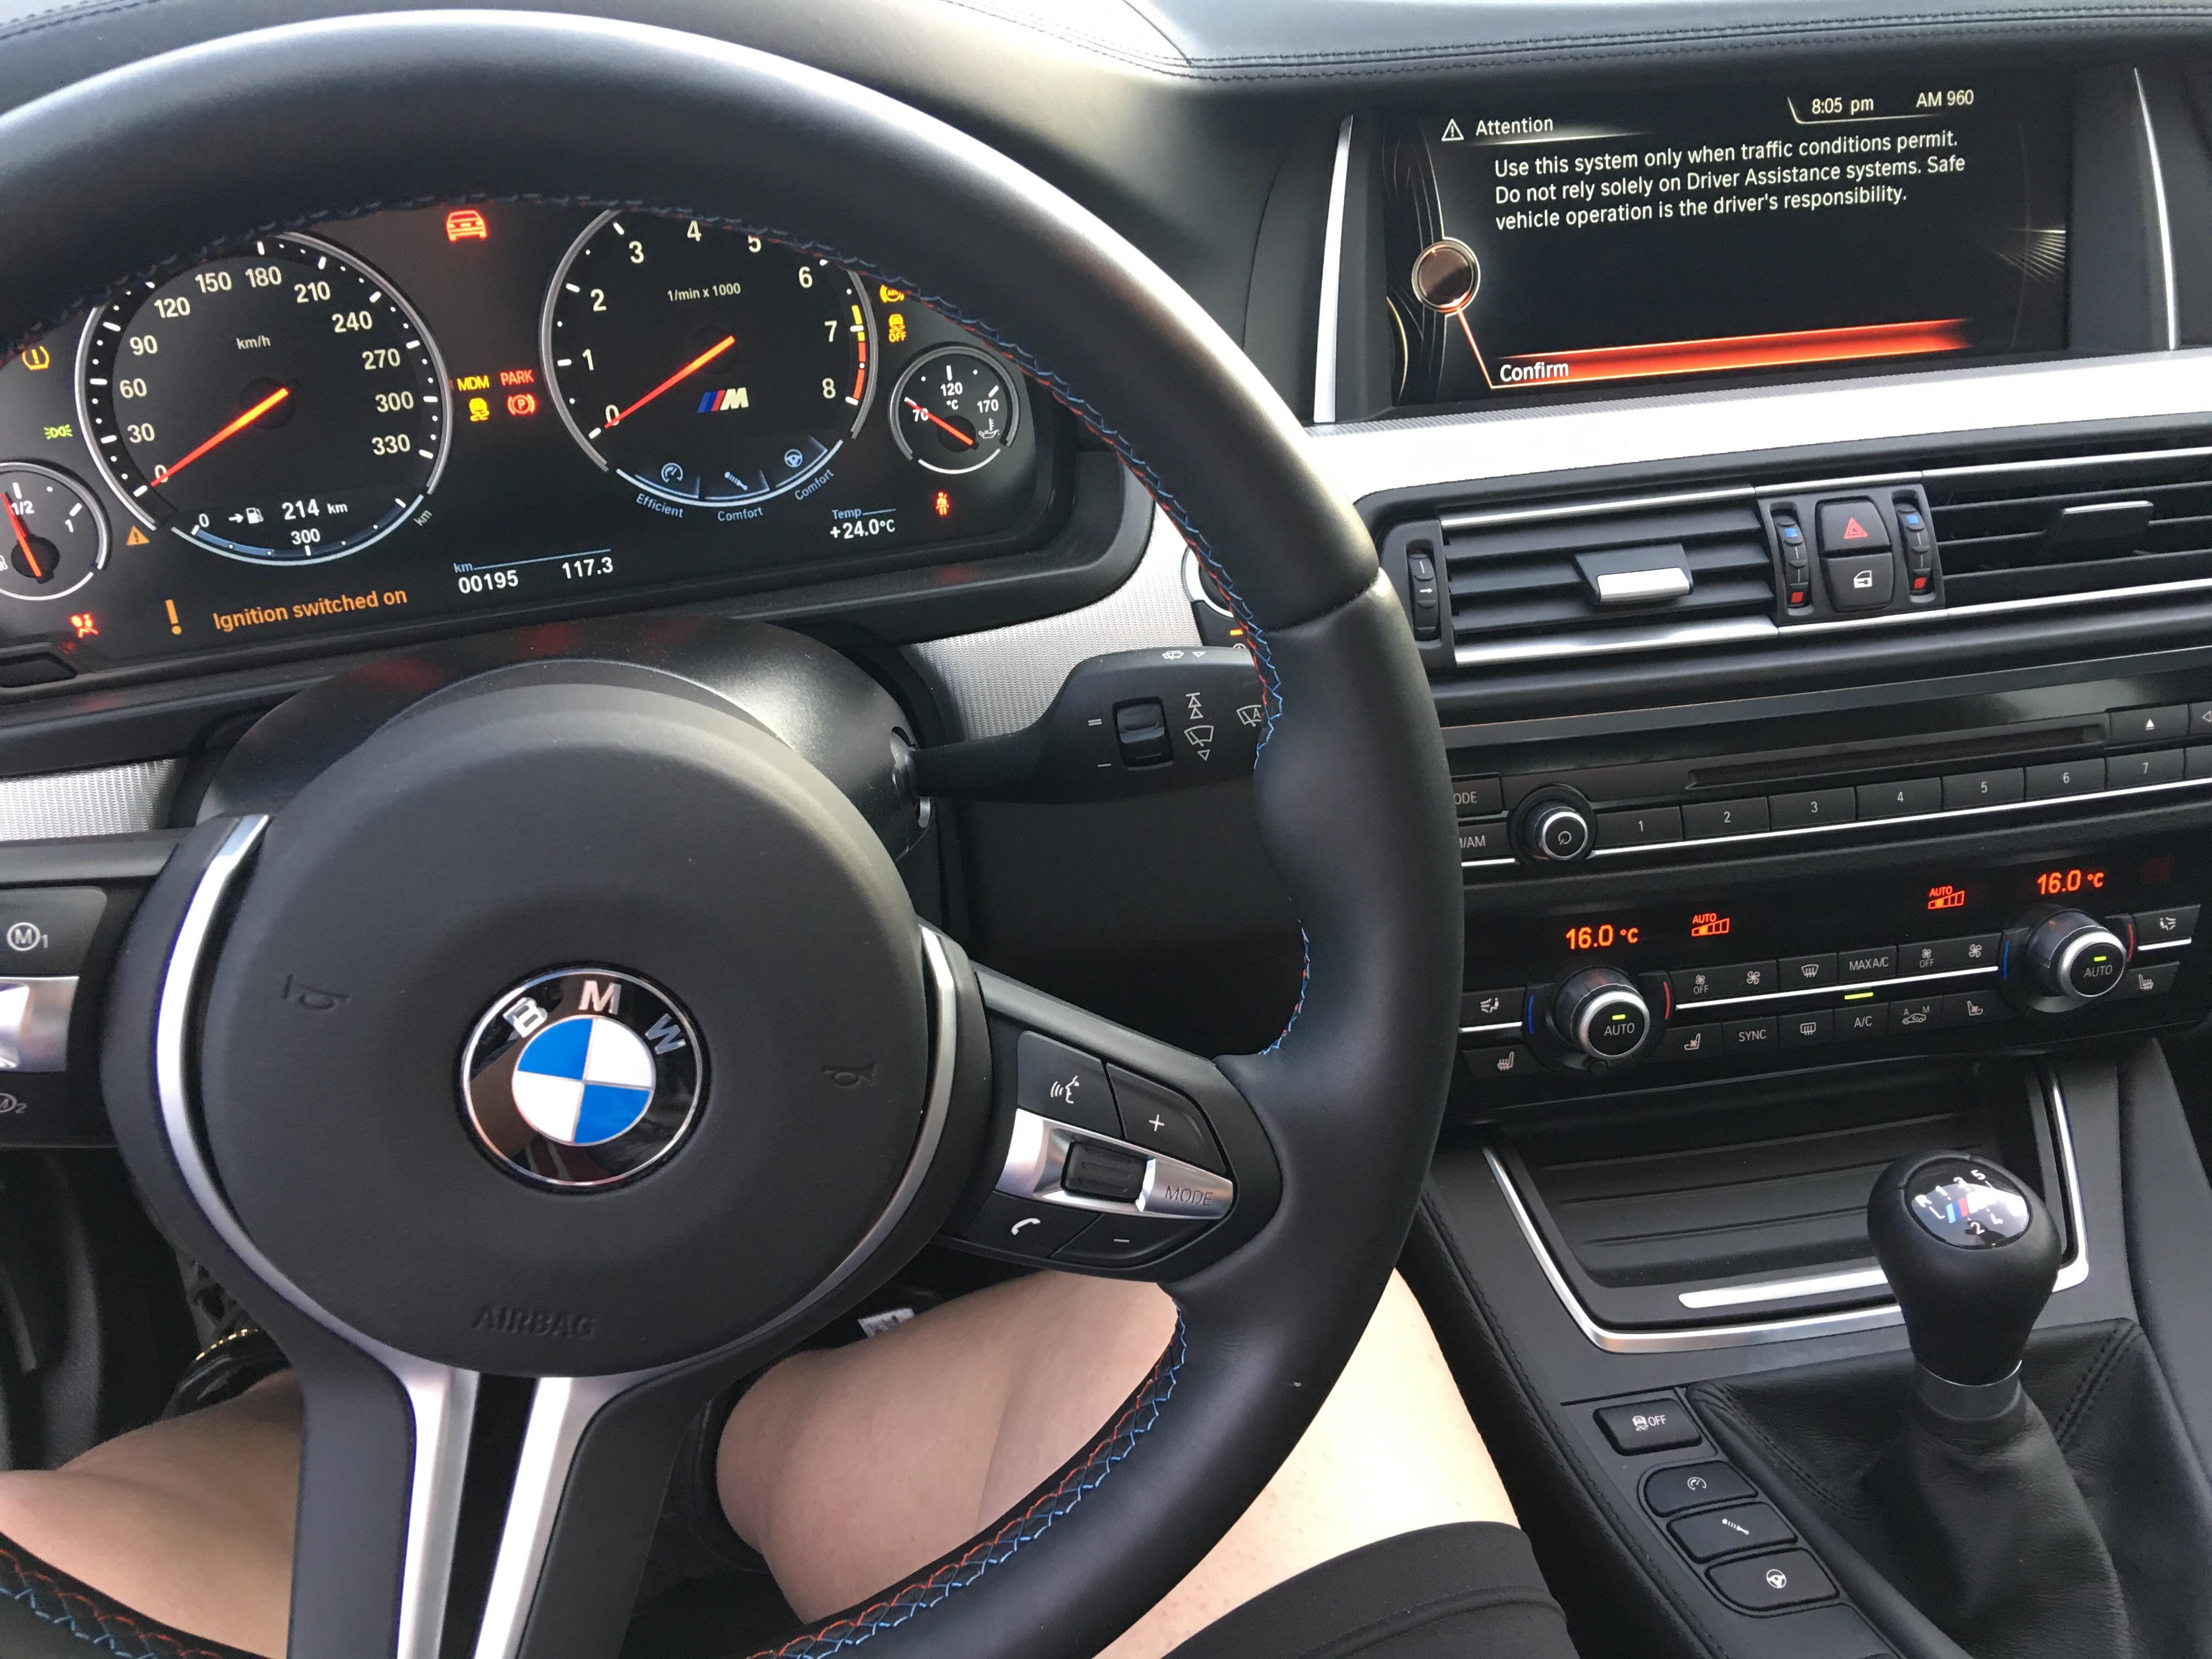 2015 bmw m5 manual rh carthrottle com bmw m5 manual transmission for sale bmw m5 manual